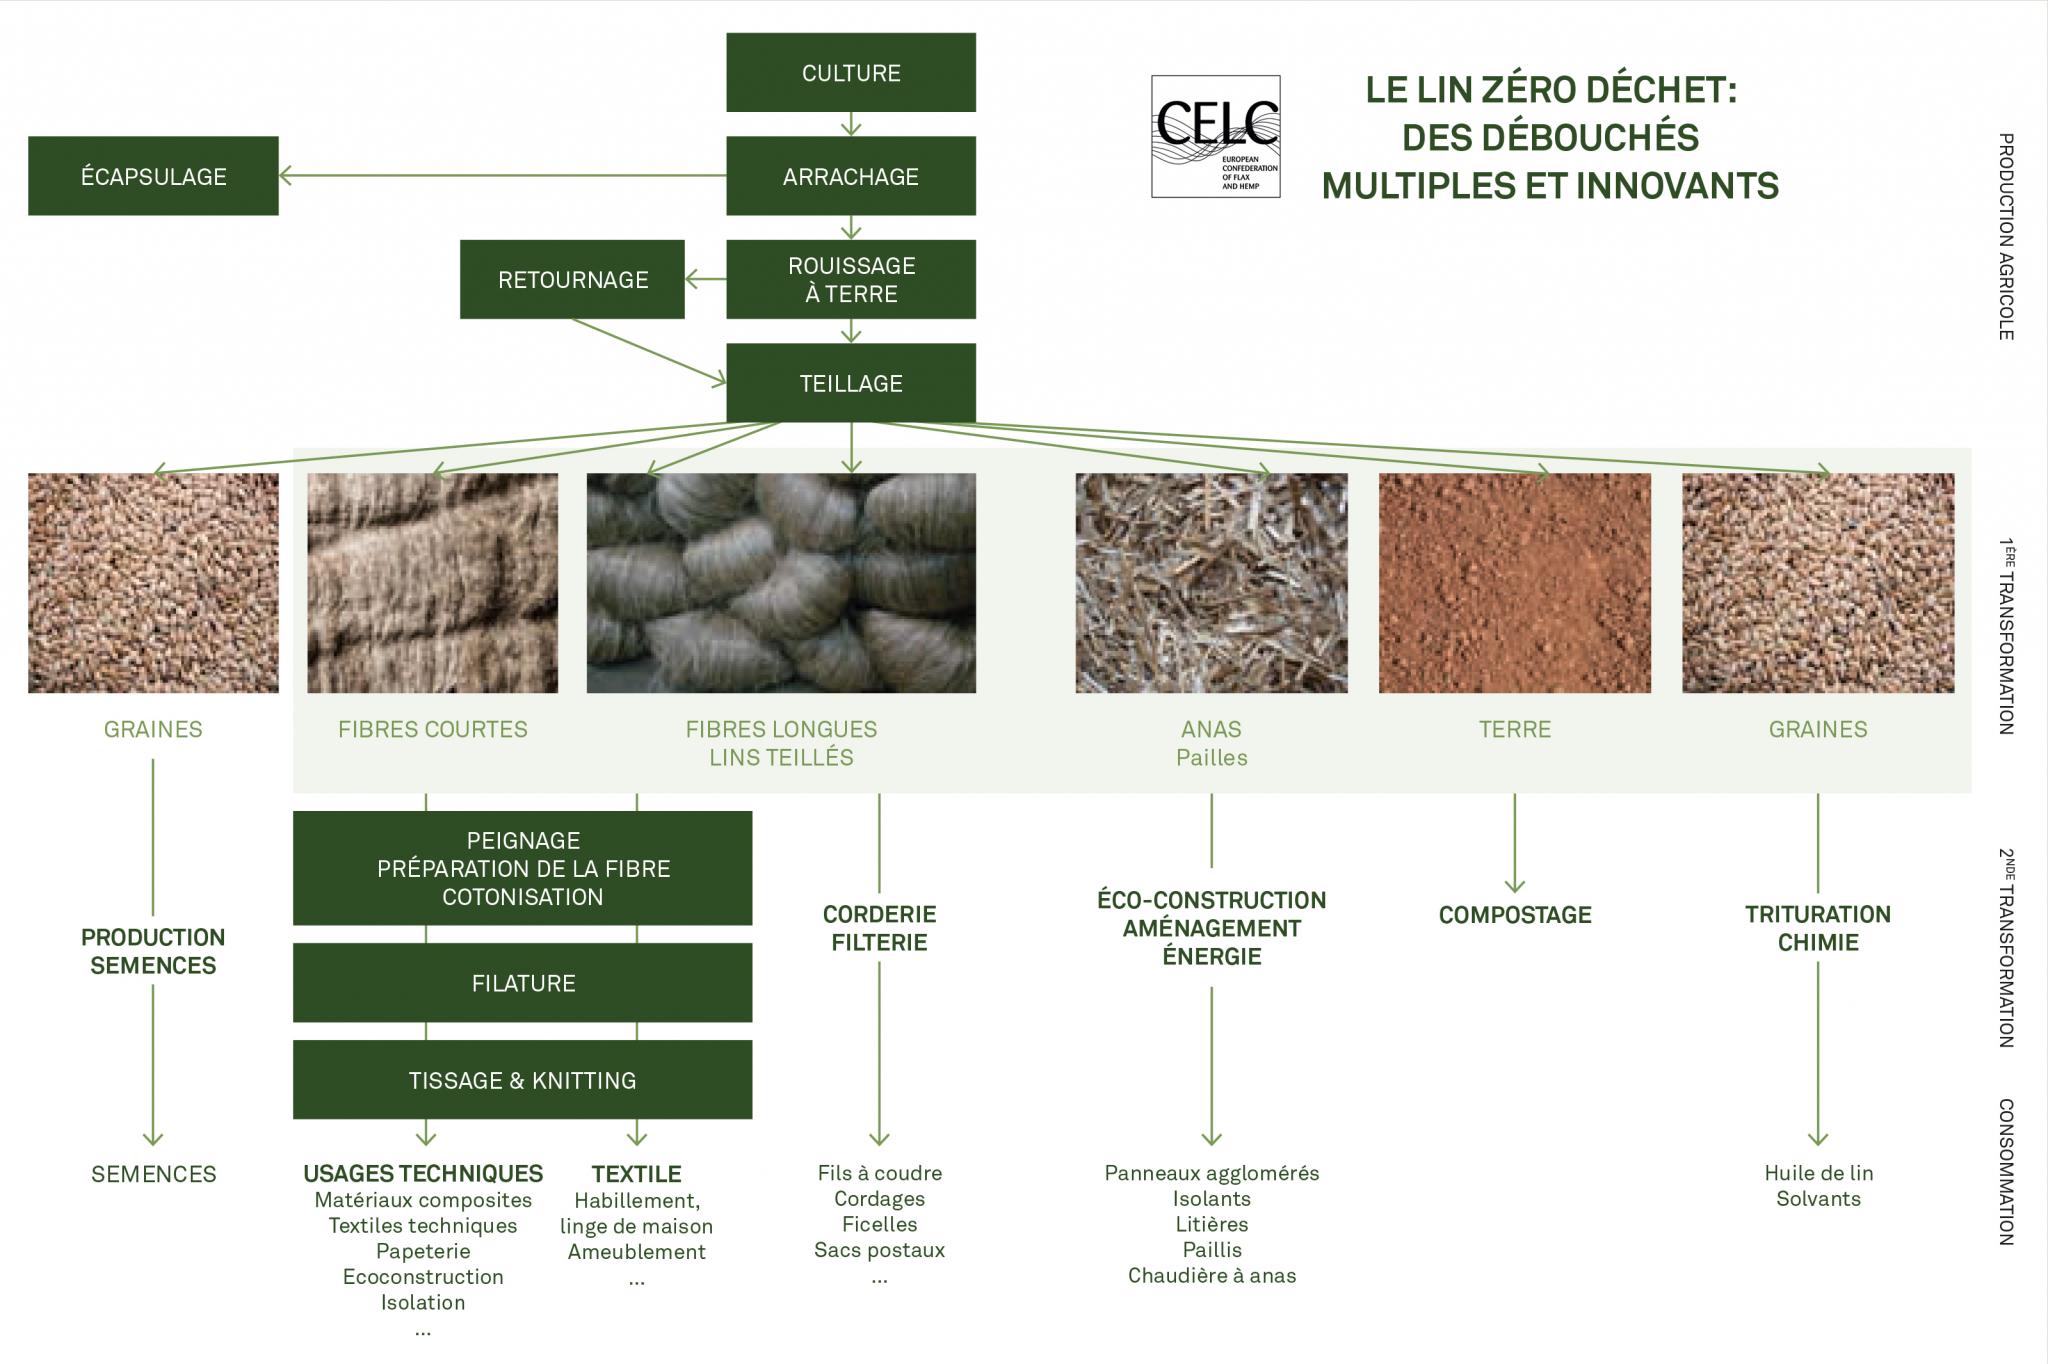 Les débouchés du lin (crédit CELC nov. 2020)